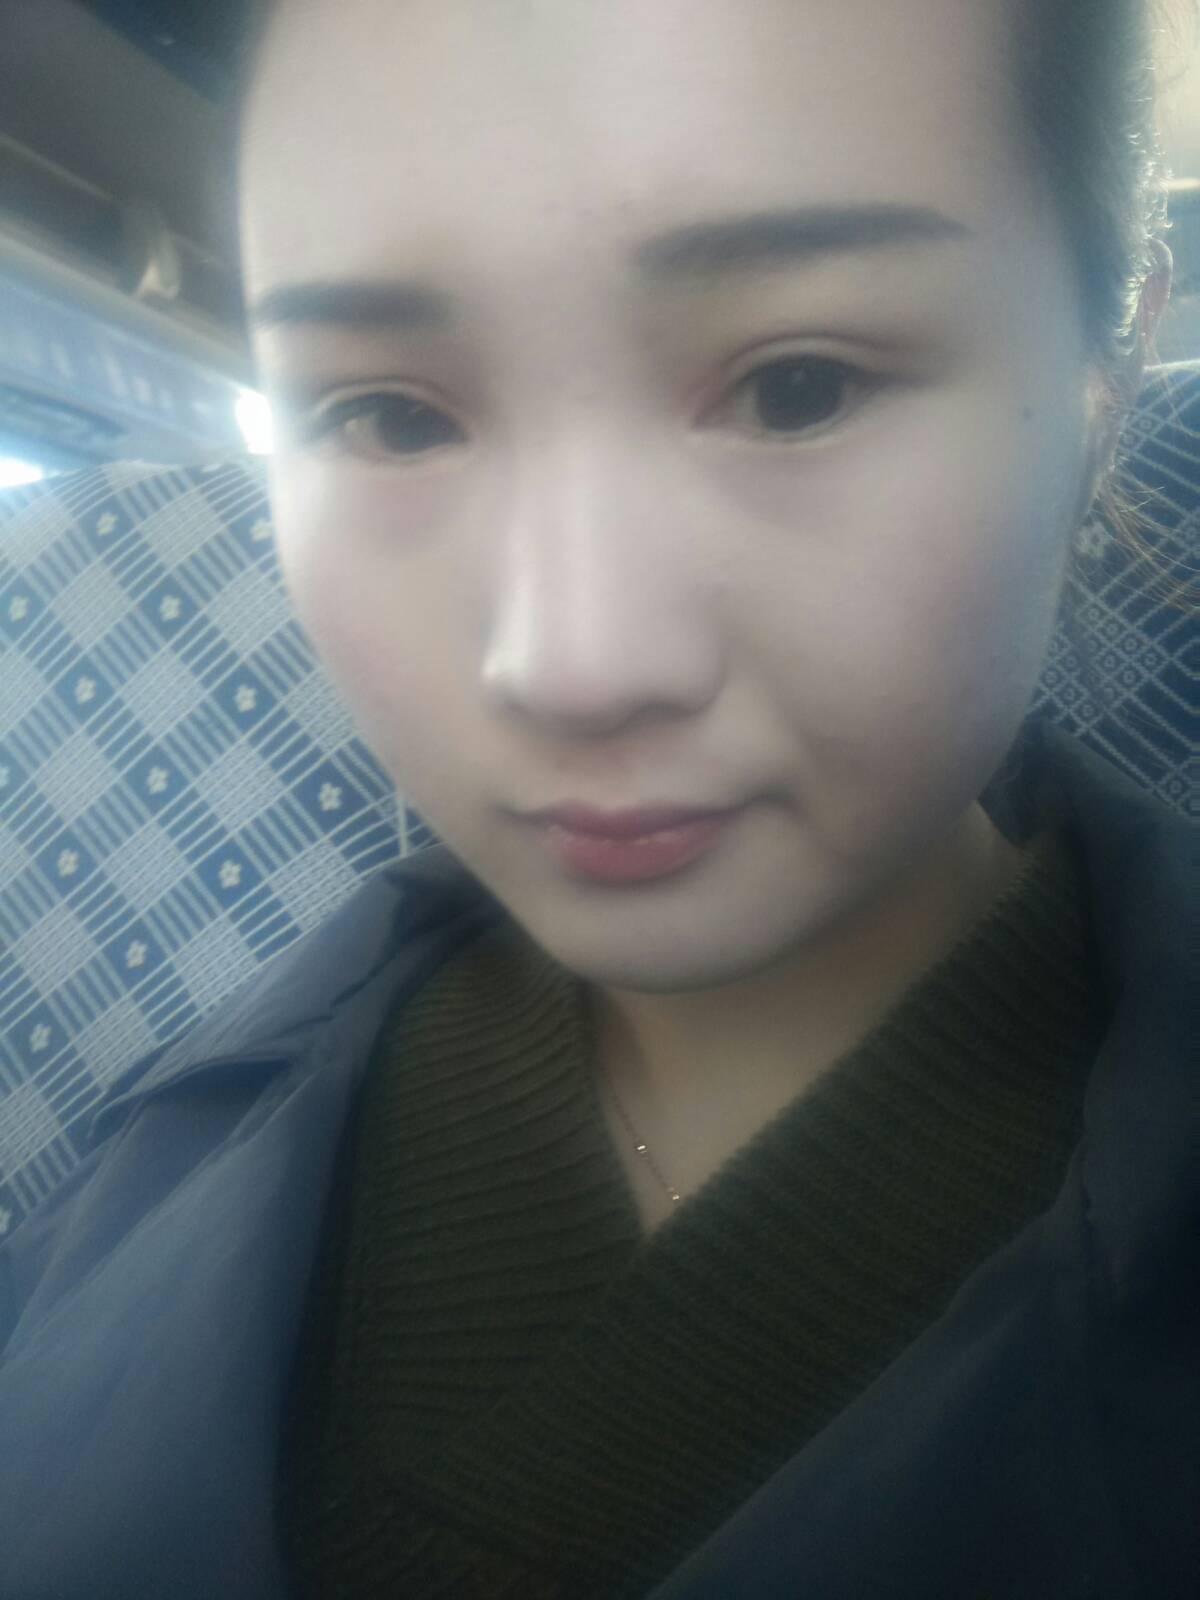 肿泡眼下垂怎么治疗,我有双眼皮,但是眼睛却不怎么好看^_^